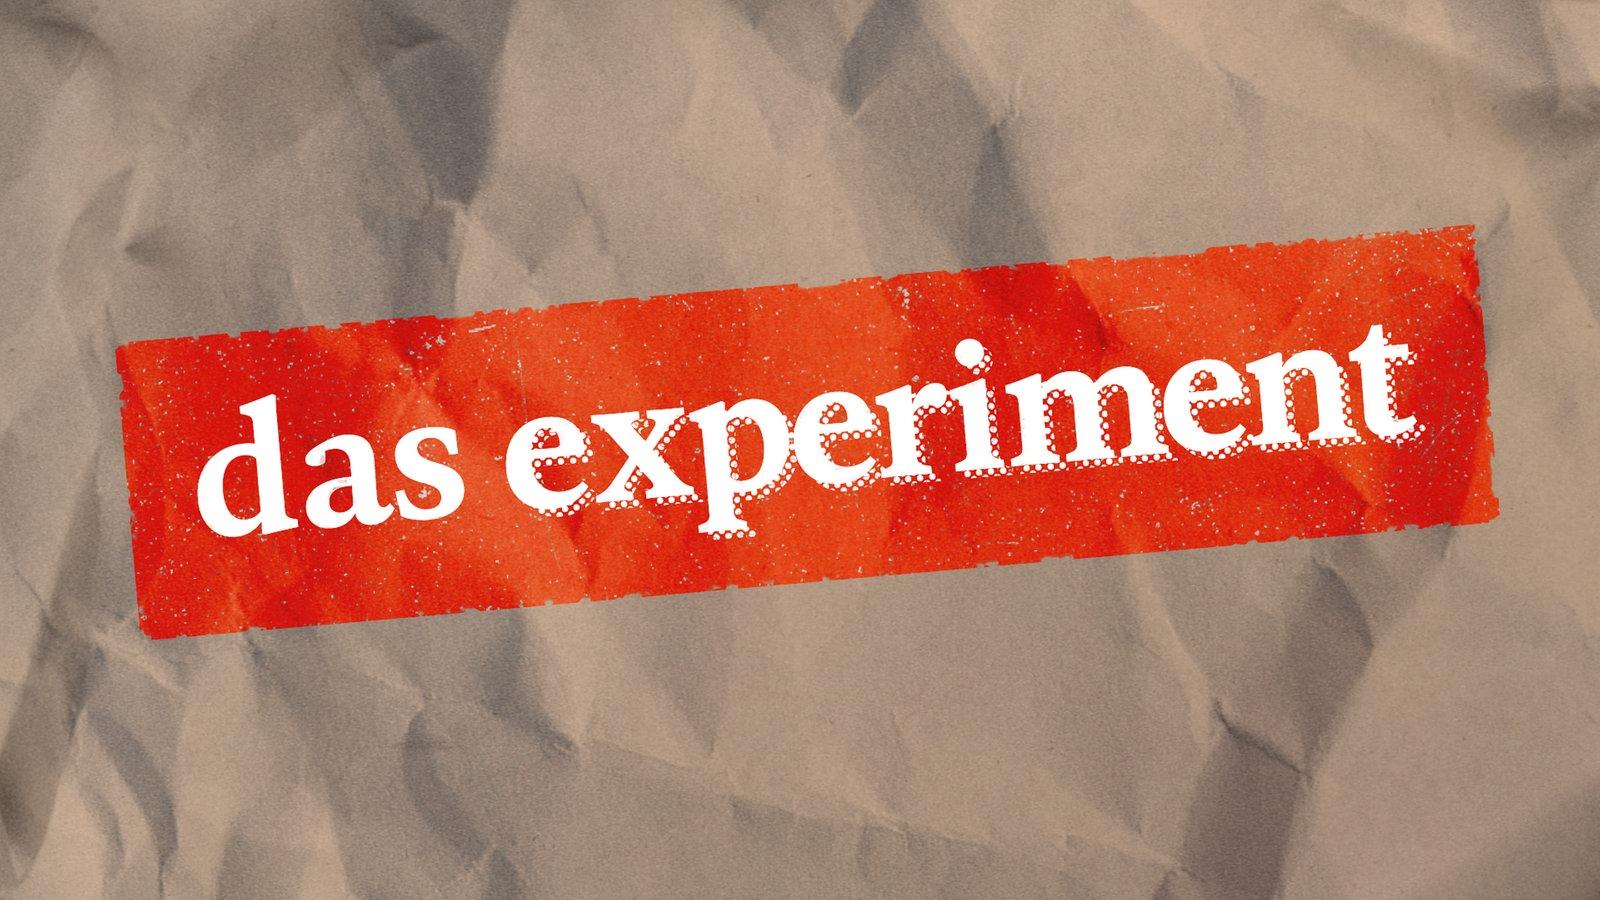 Das Experiment Wdr